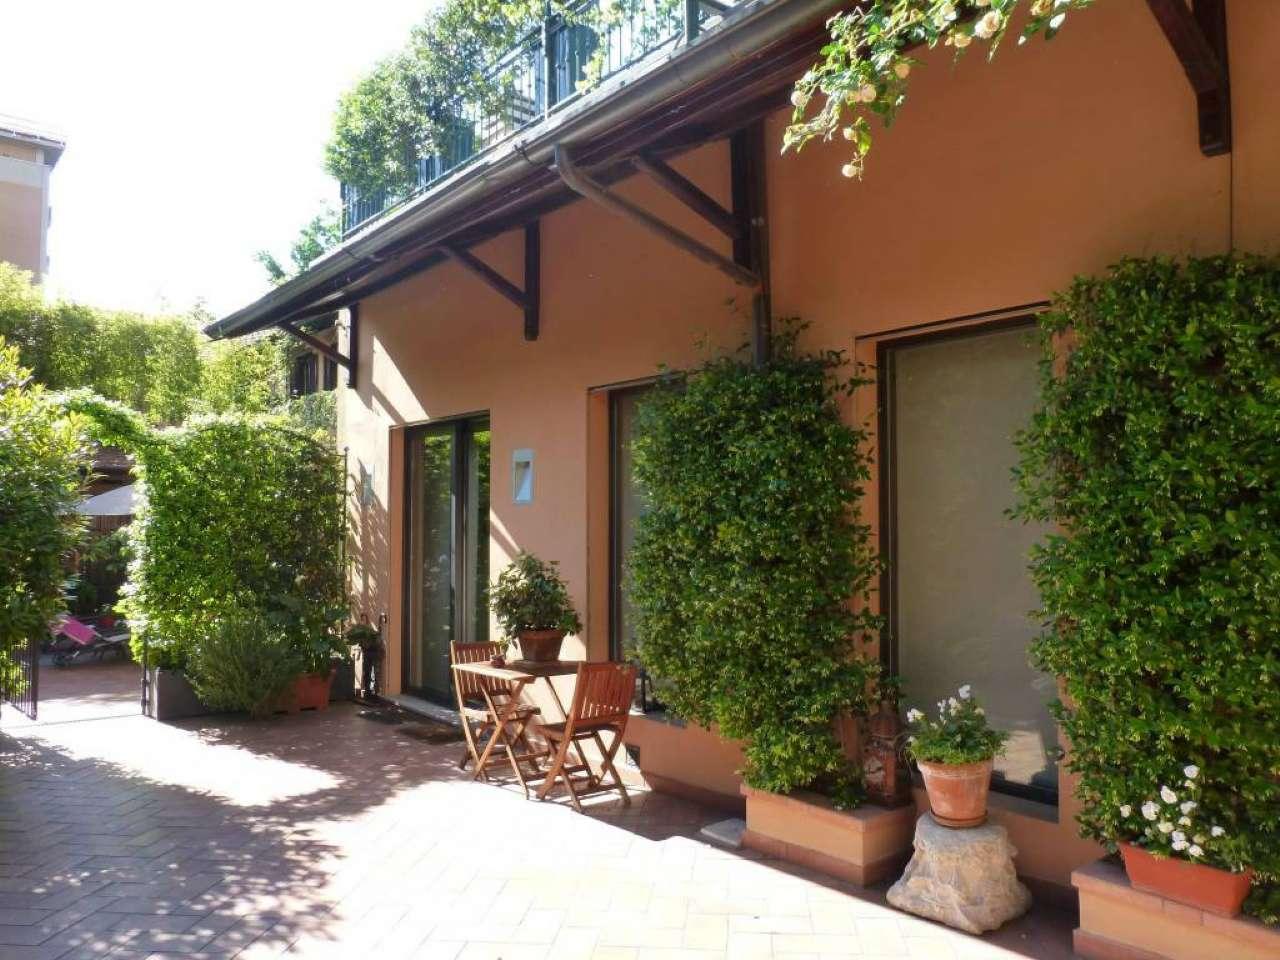 Milano - Porta Genova - Esclusiva proprietà con terrazzo e piscina, foto 11